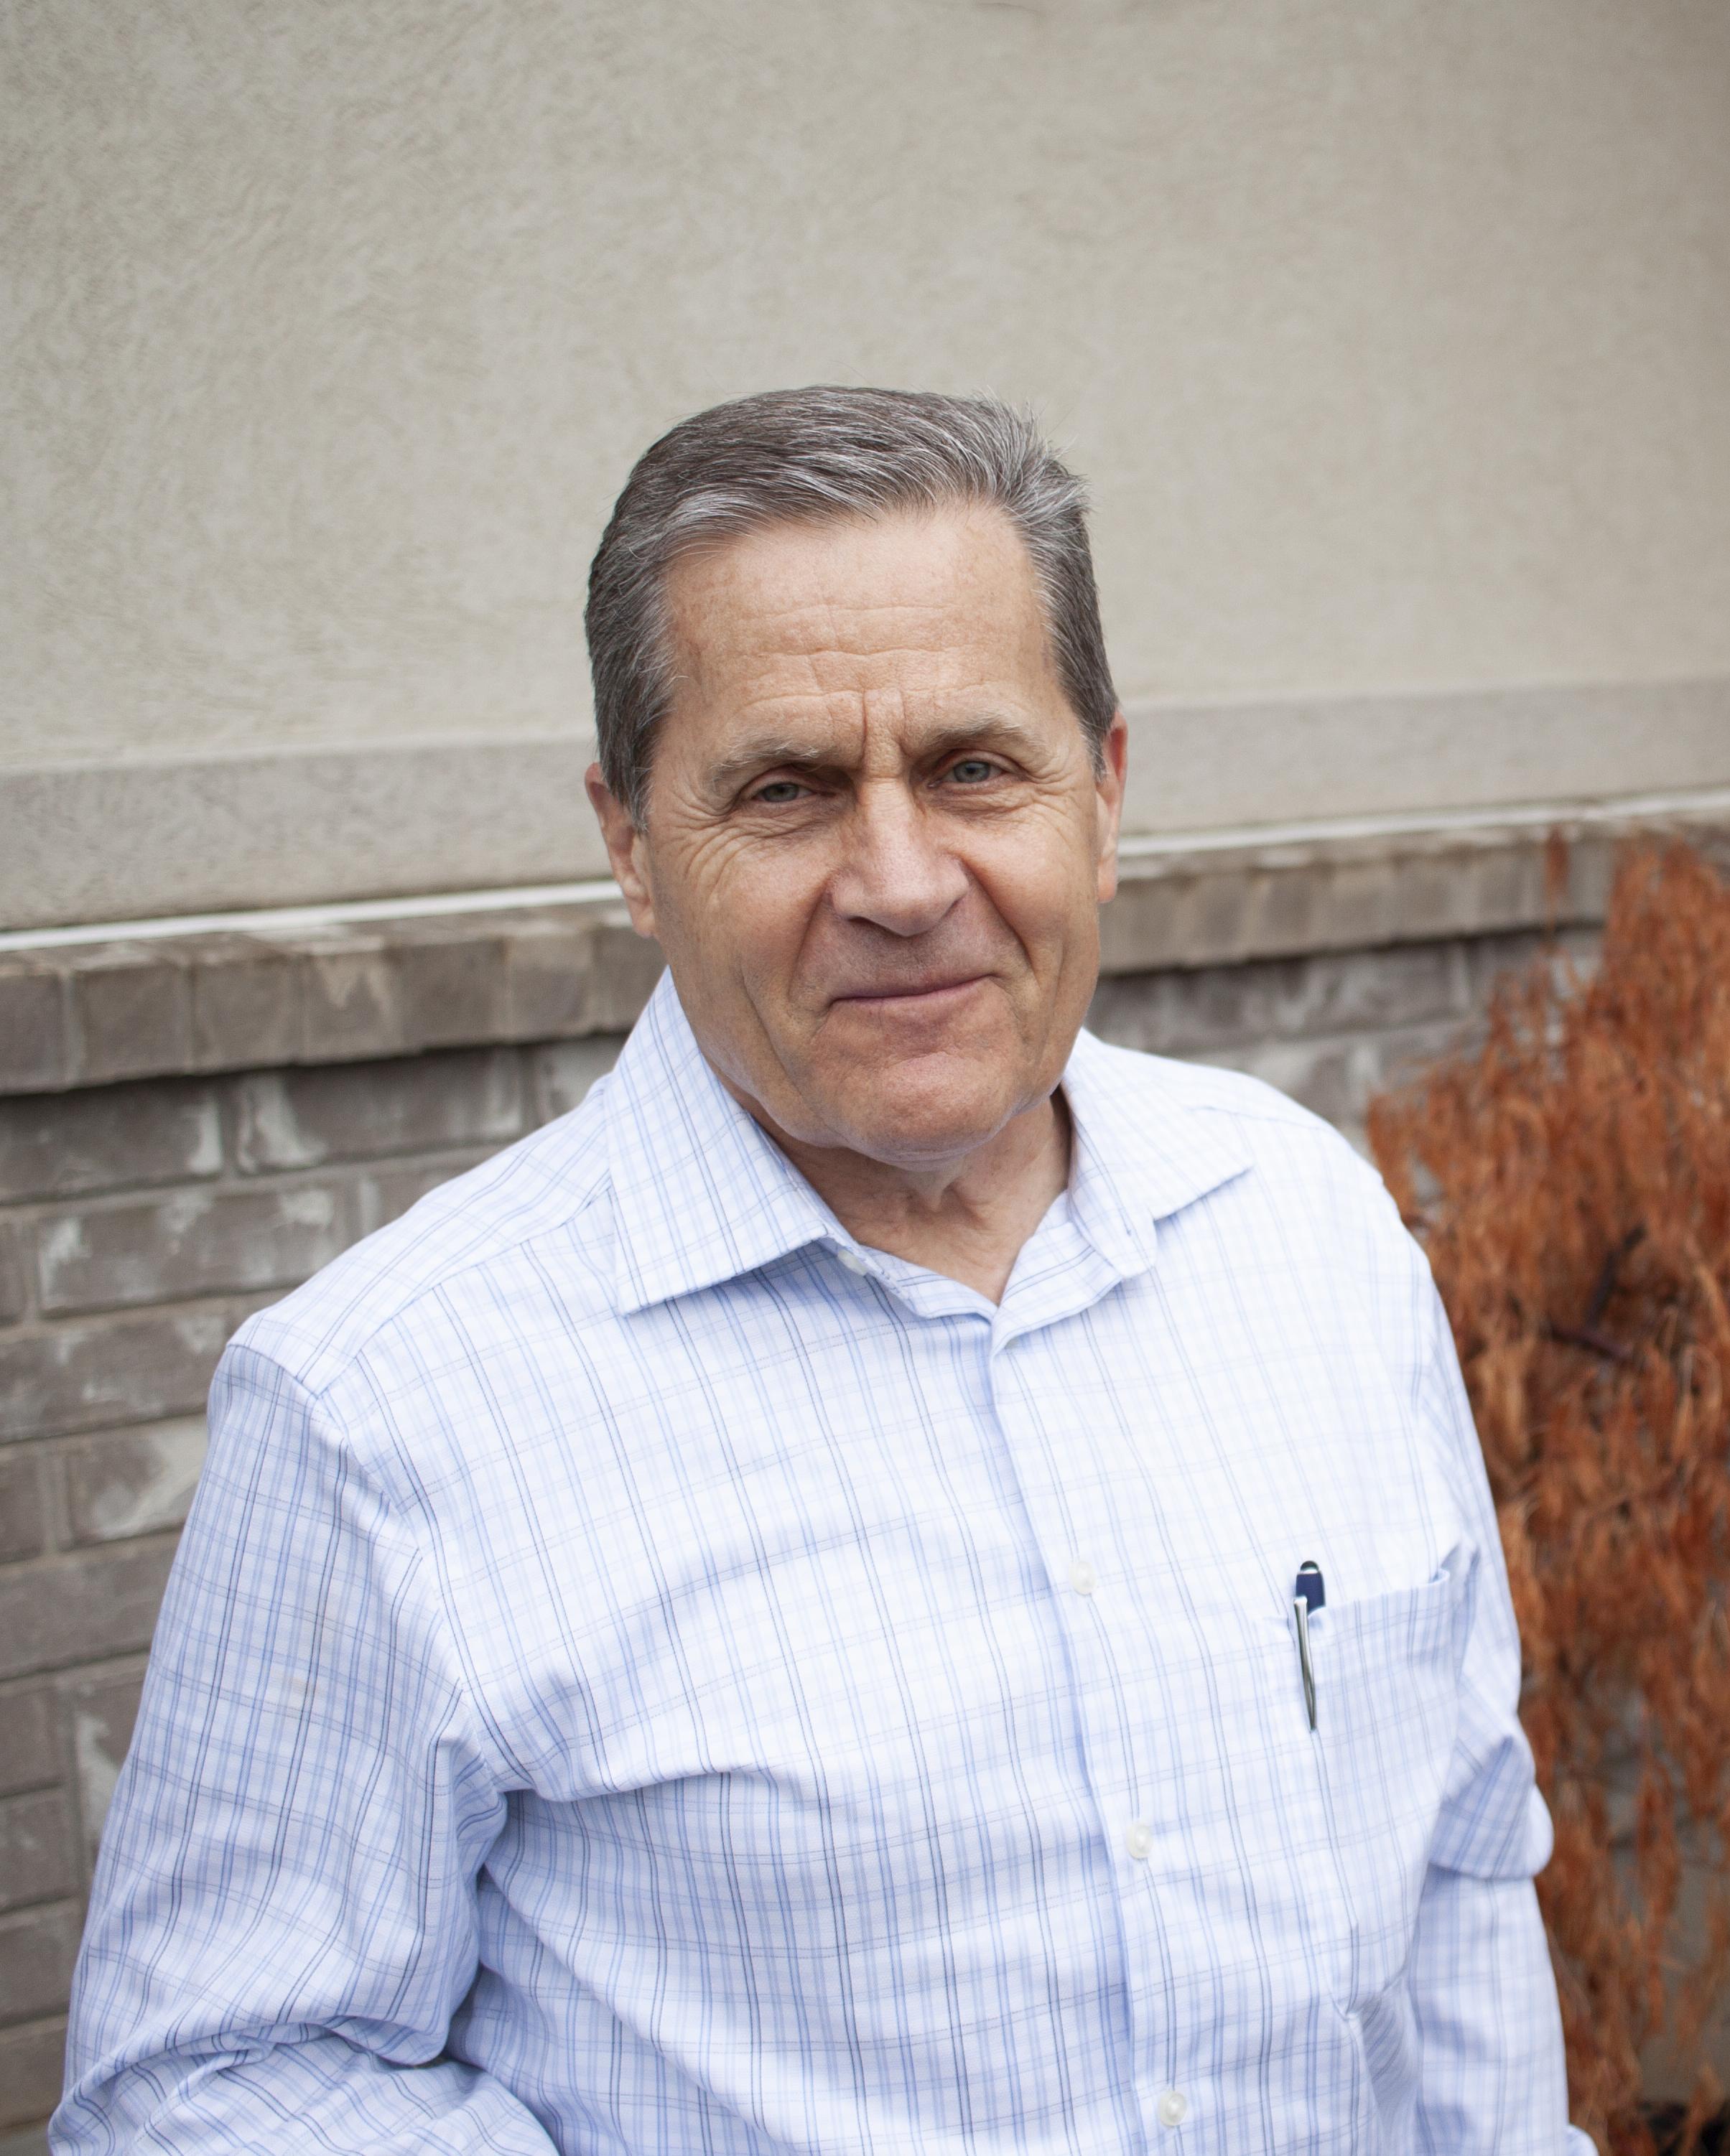 Larry Allred Retired Entrepreneur and Consultant